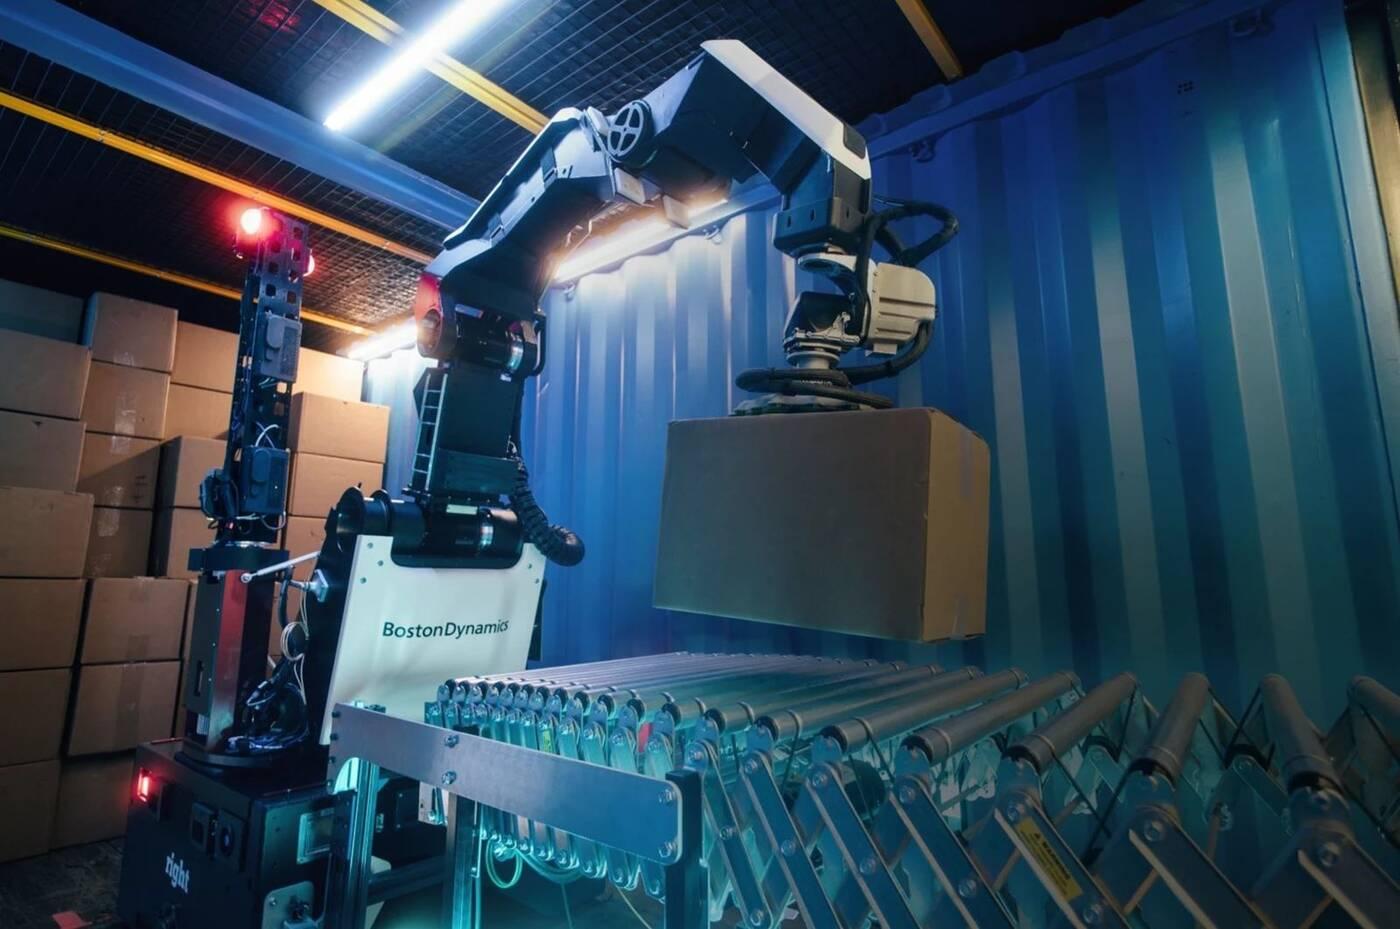 nowy robot Boston Dynamics, Boston Dynamics, Stretch Boston Dynamics, robot Boston Dynamics